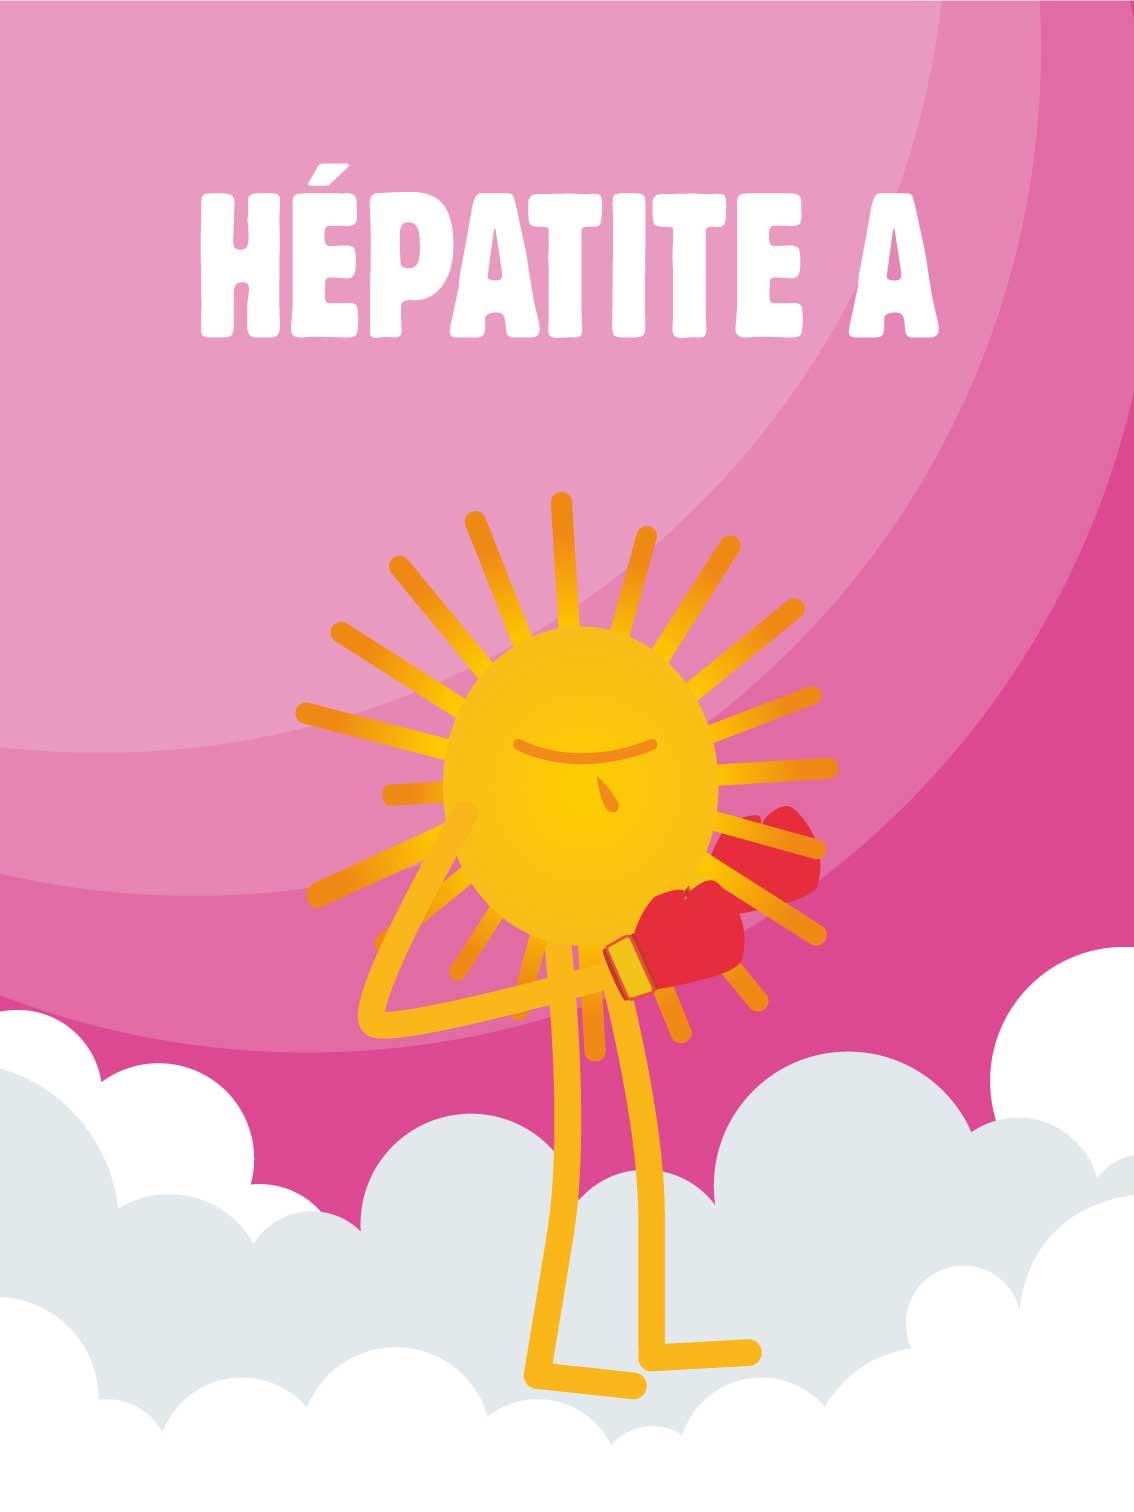 Hépatite A, IST, dépistage, MST, infections sexuellement transmissibles, jaunisse, rapport sexuel à risque